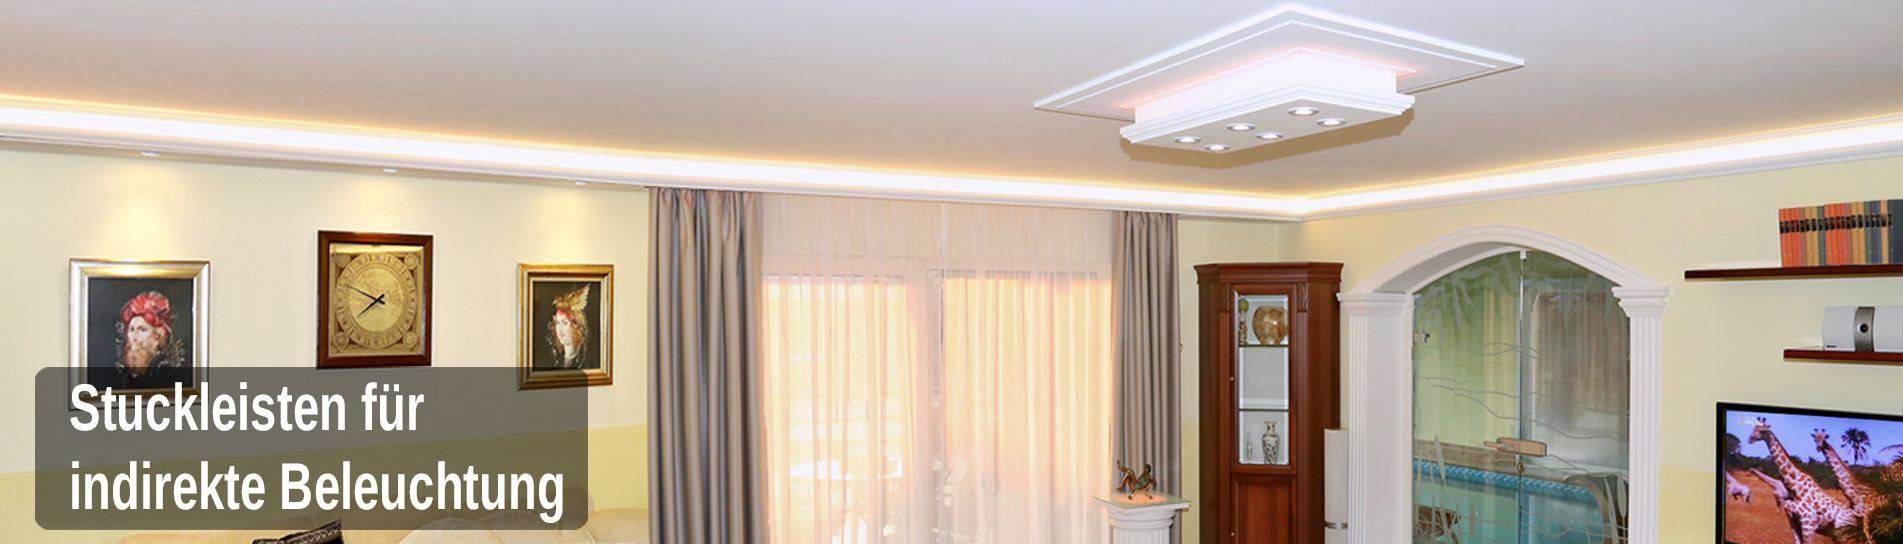 indirekte Beleuchtung mit Styroporstuck im Wohnzimmer